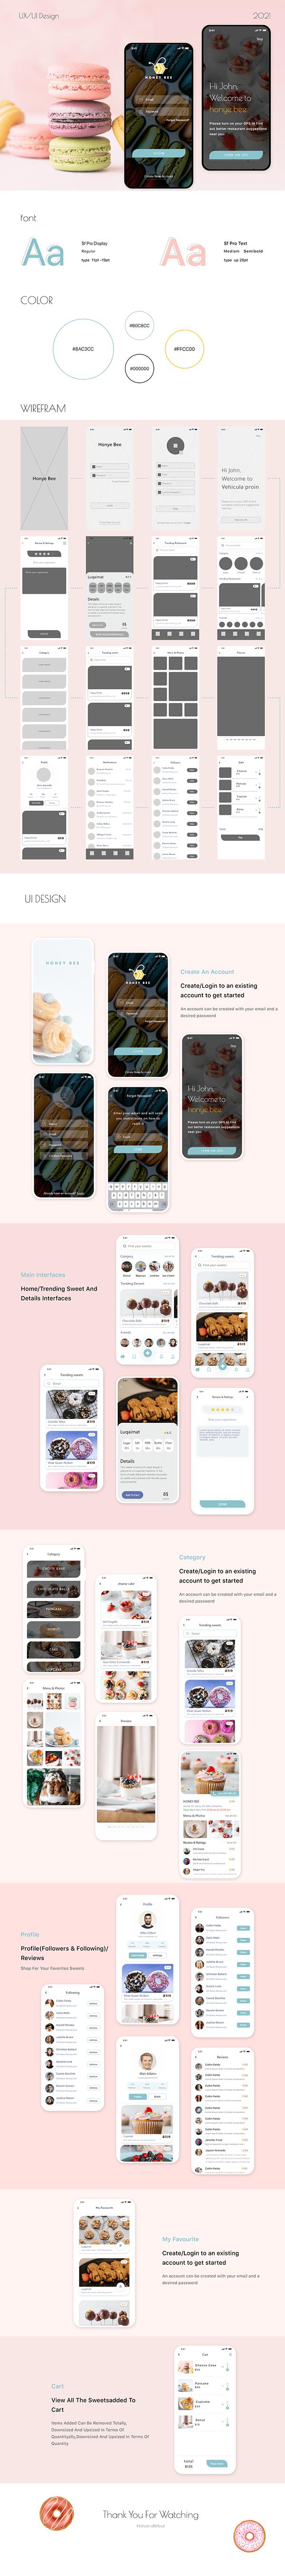 Honey bee app UI Design